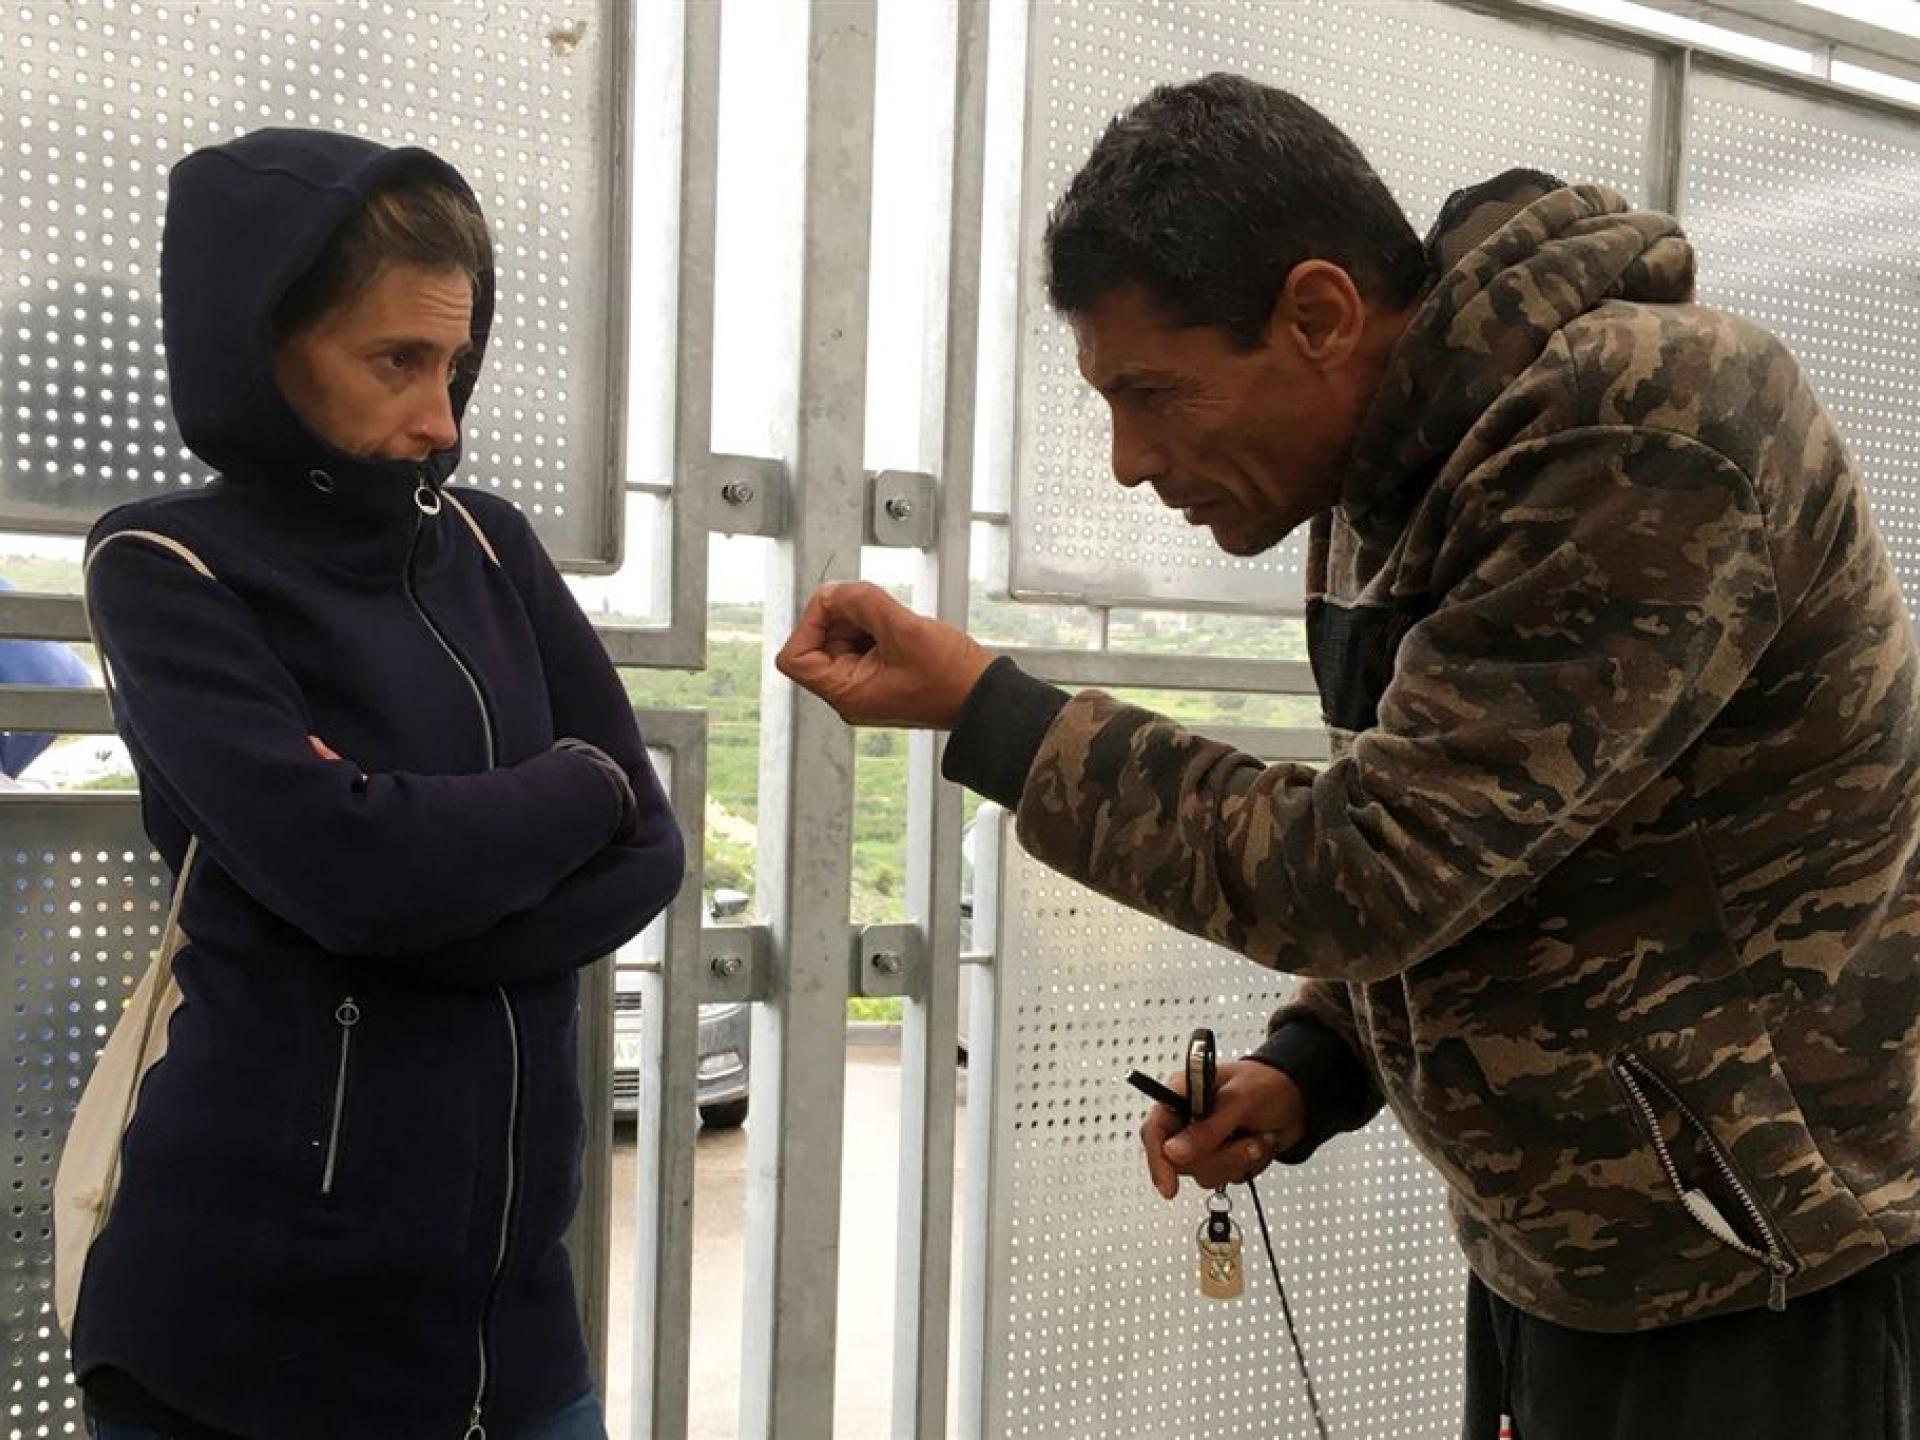 מחסום ברטעה: תושב הגדה מסביר לאליה - הוא צריך אישור. אין פרנסה